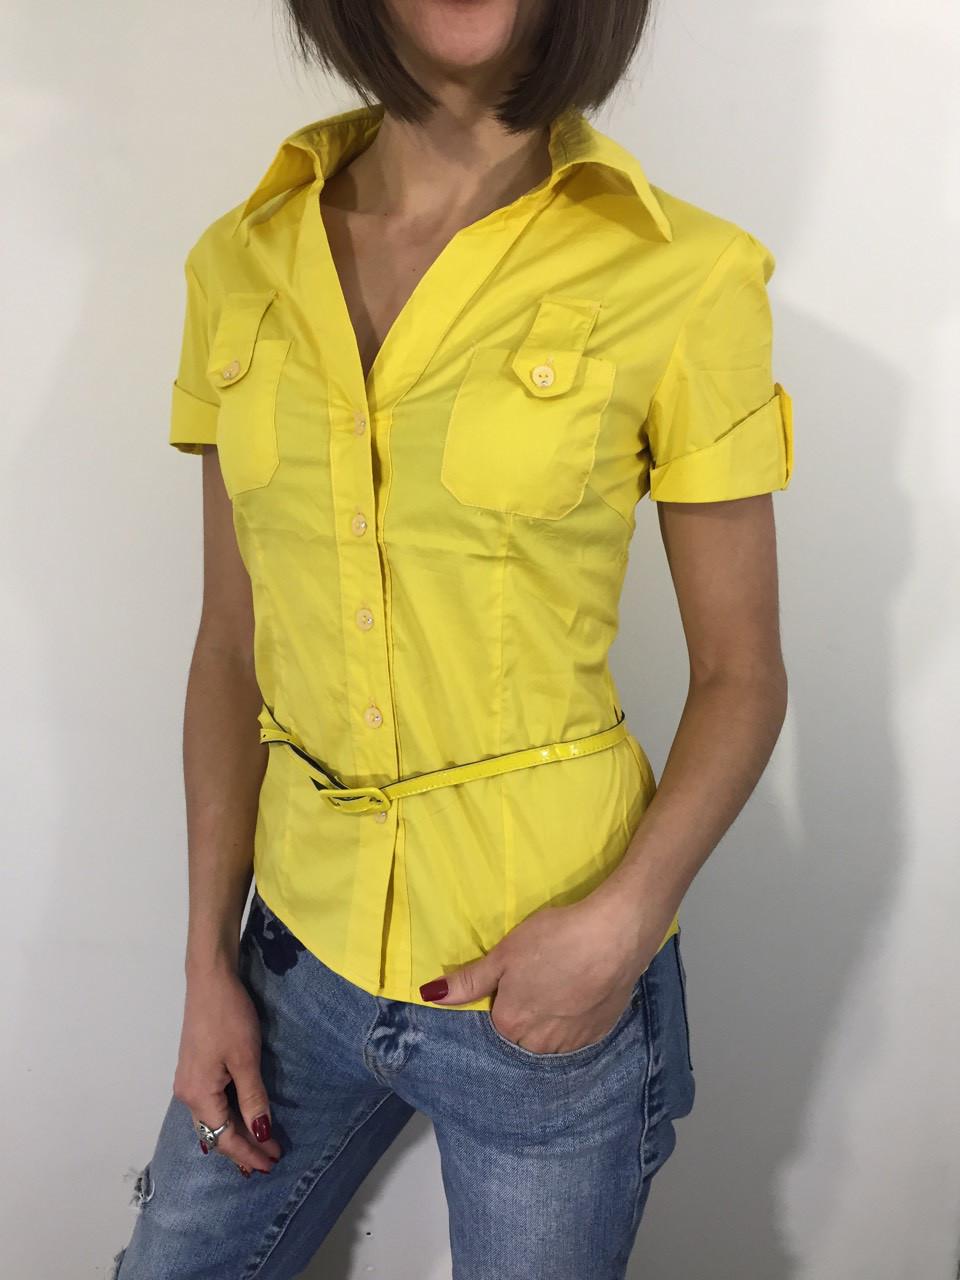 00b805f9388 Рубашка женская А 84 желтая - ОПТ И РОЗНИЦА ПО НИЗКИМ ЦЕНАМ в Павлограде